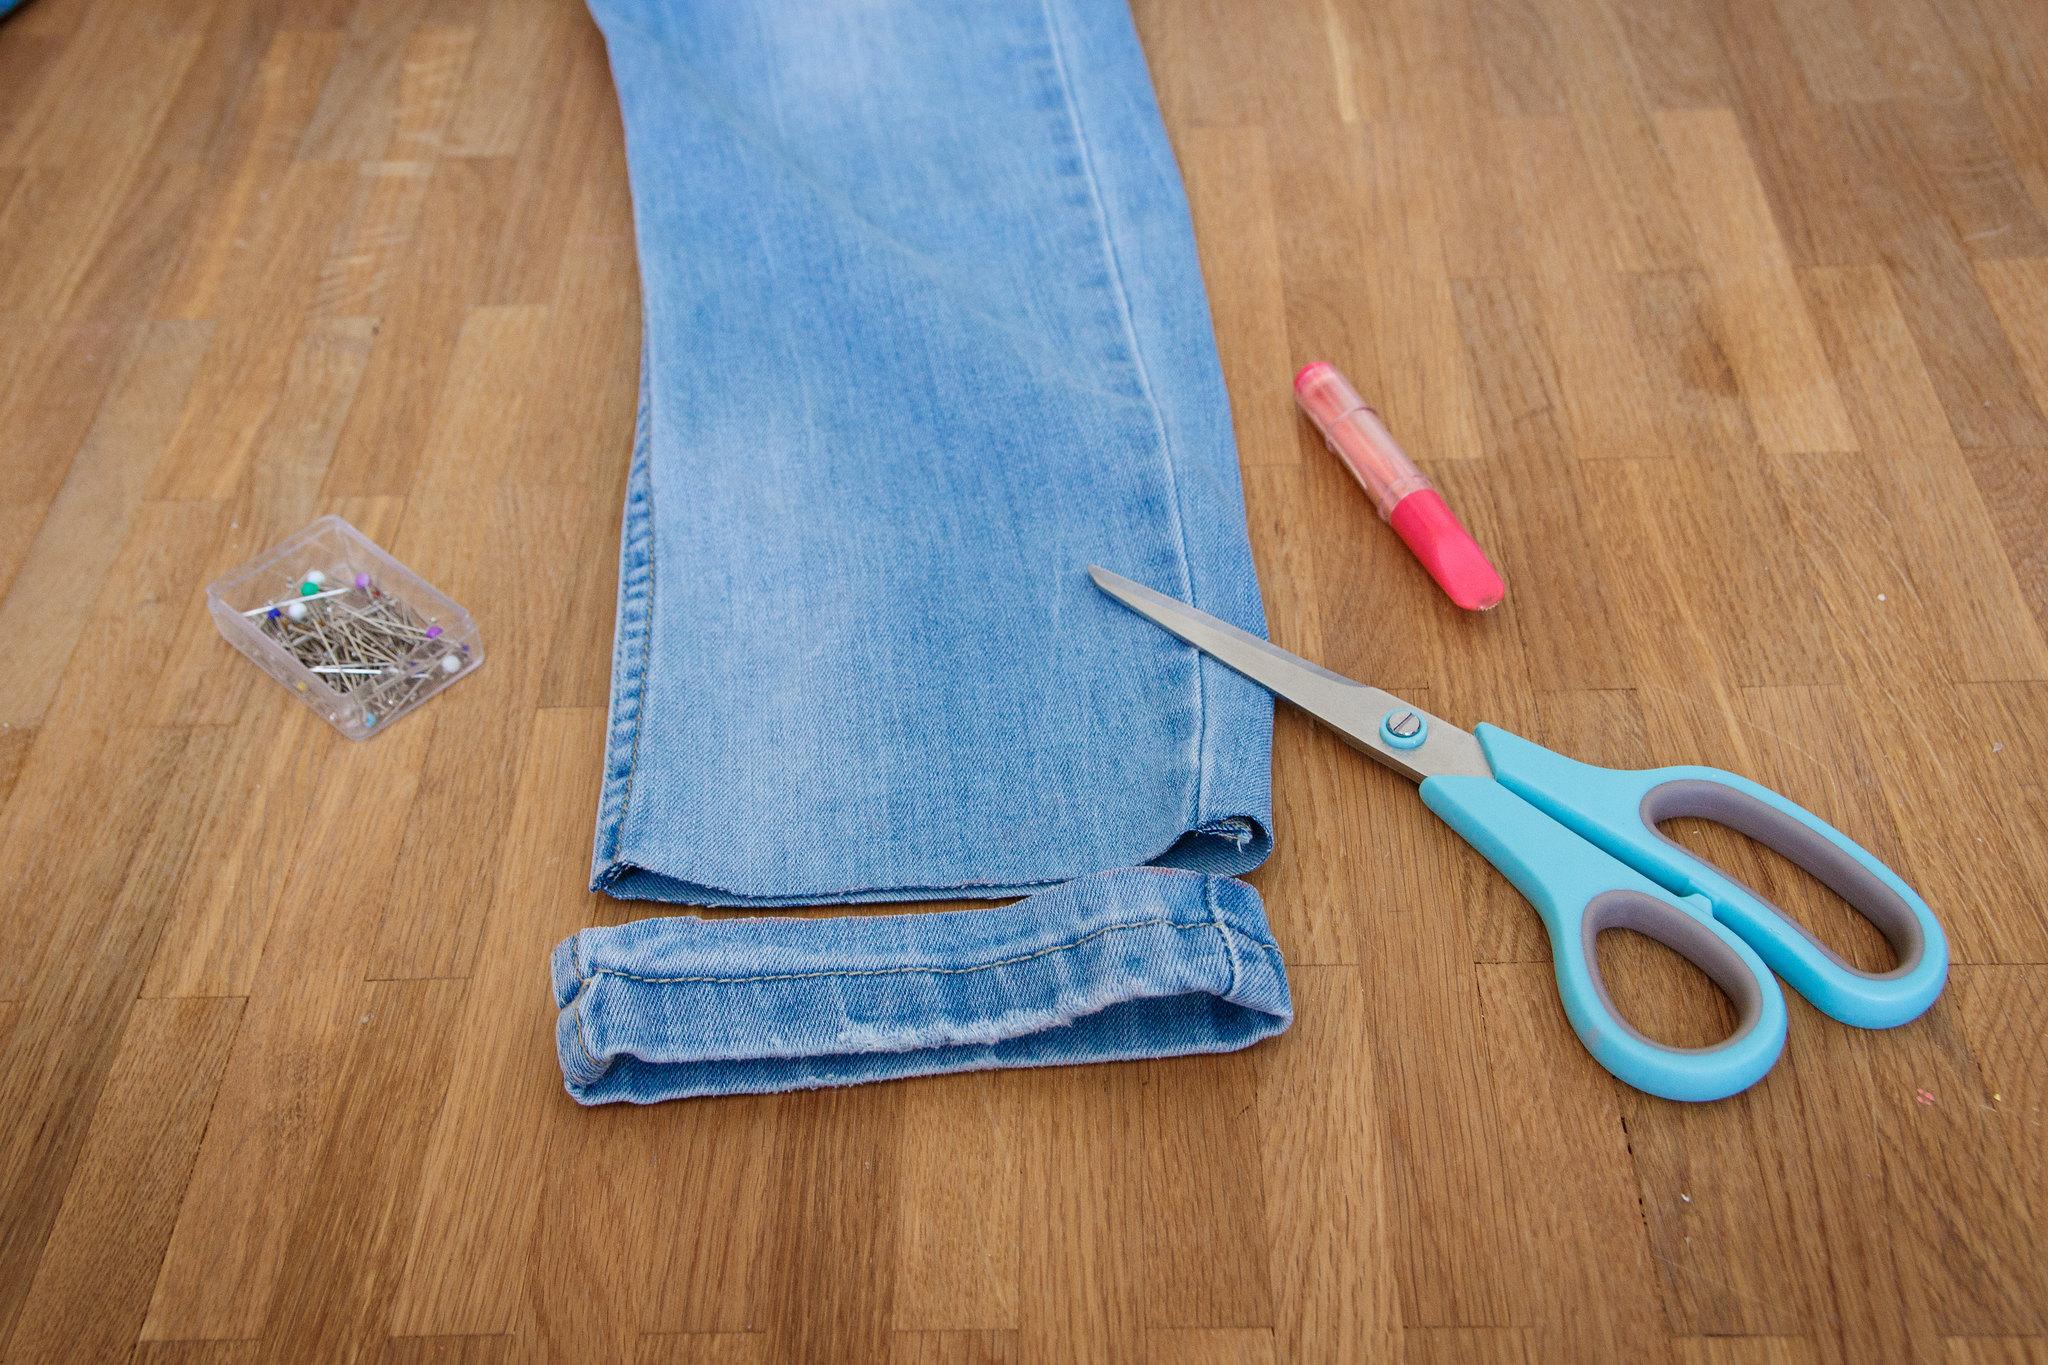 skracanie spodni, obcięcie oryginalnego nrzegu